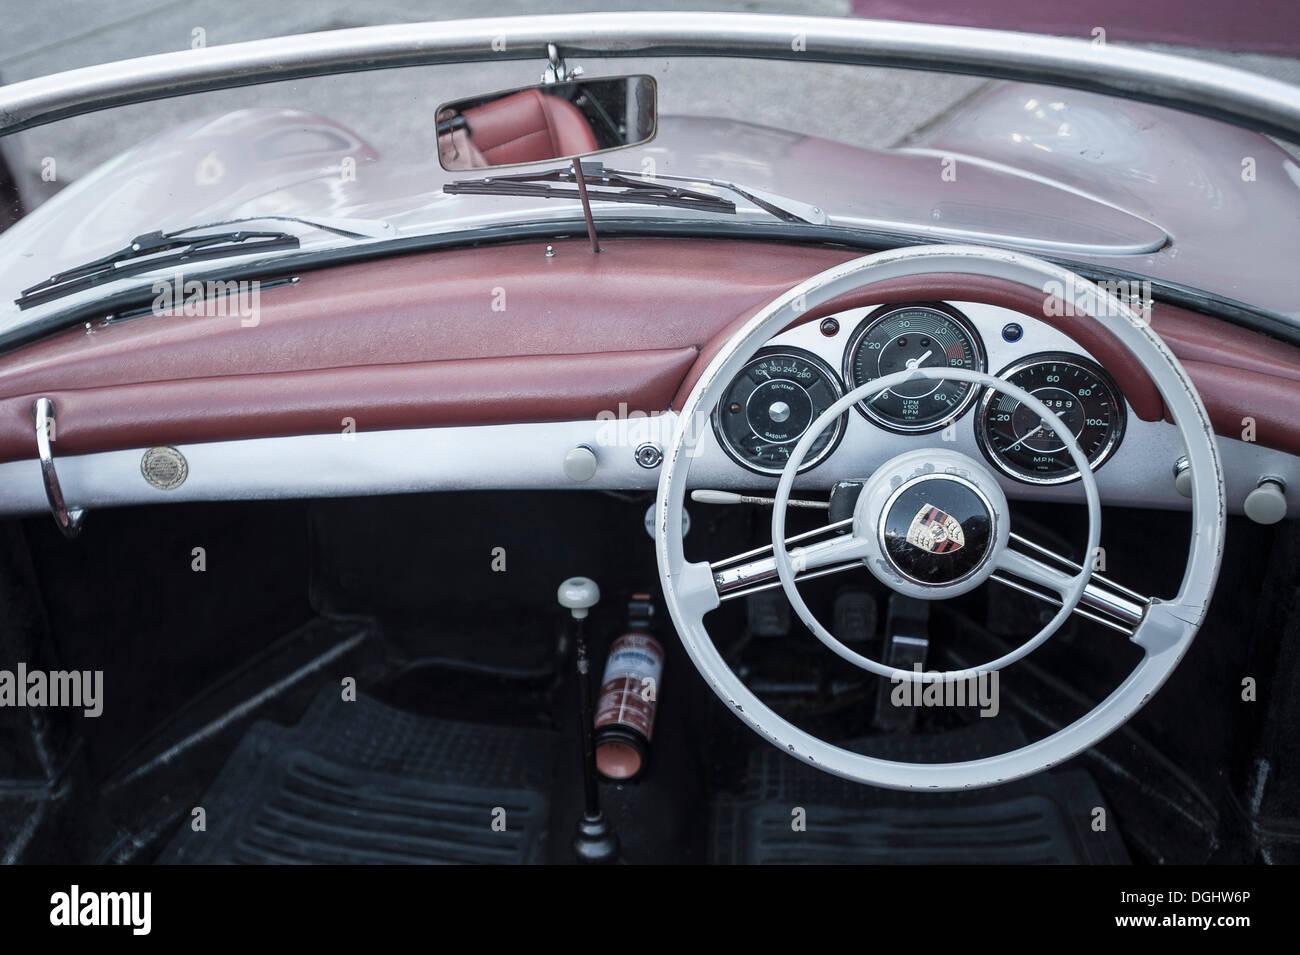 Vecchio Porsche 911, cruscotto e volante, da anni cinquanta, Irlanda Immagini Stock